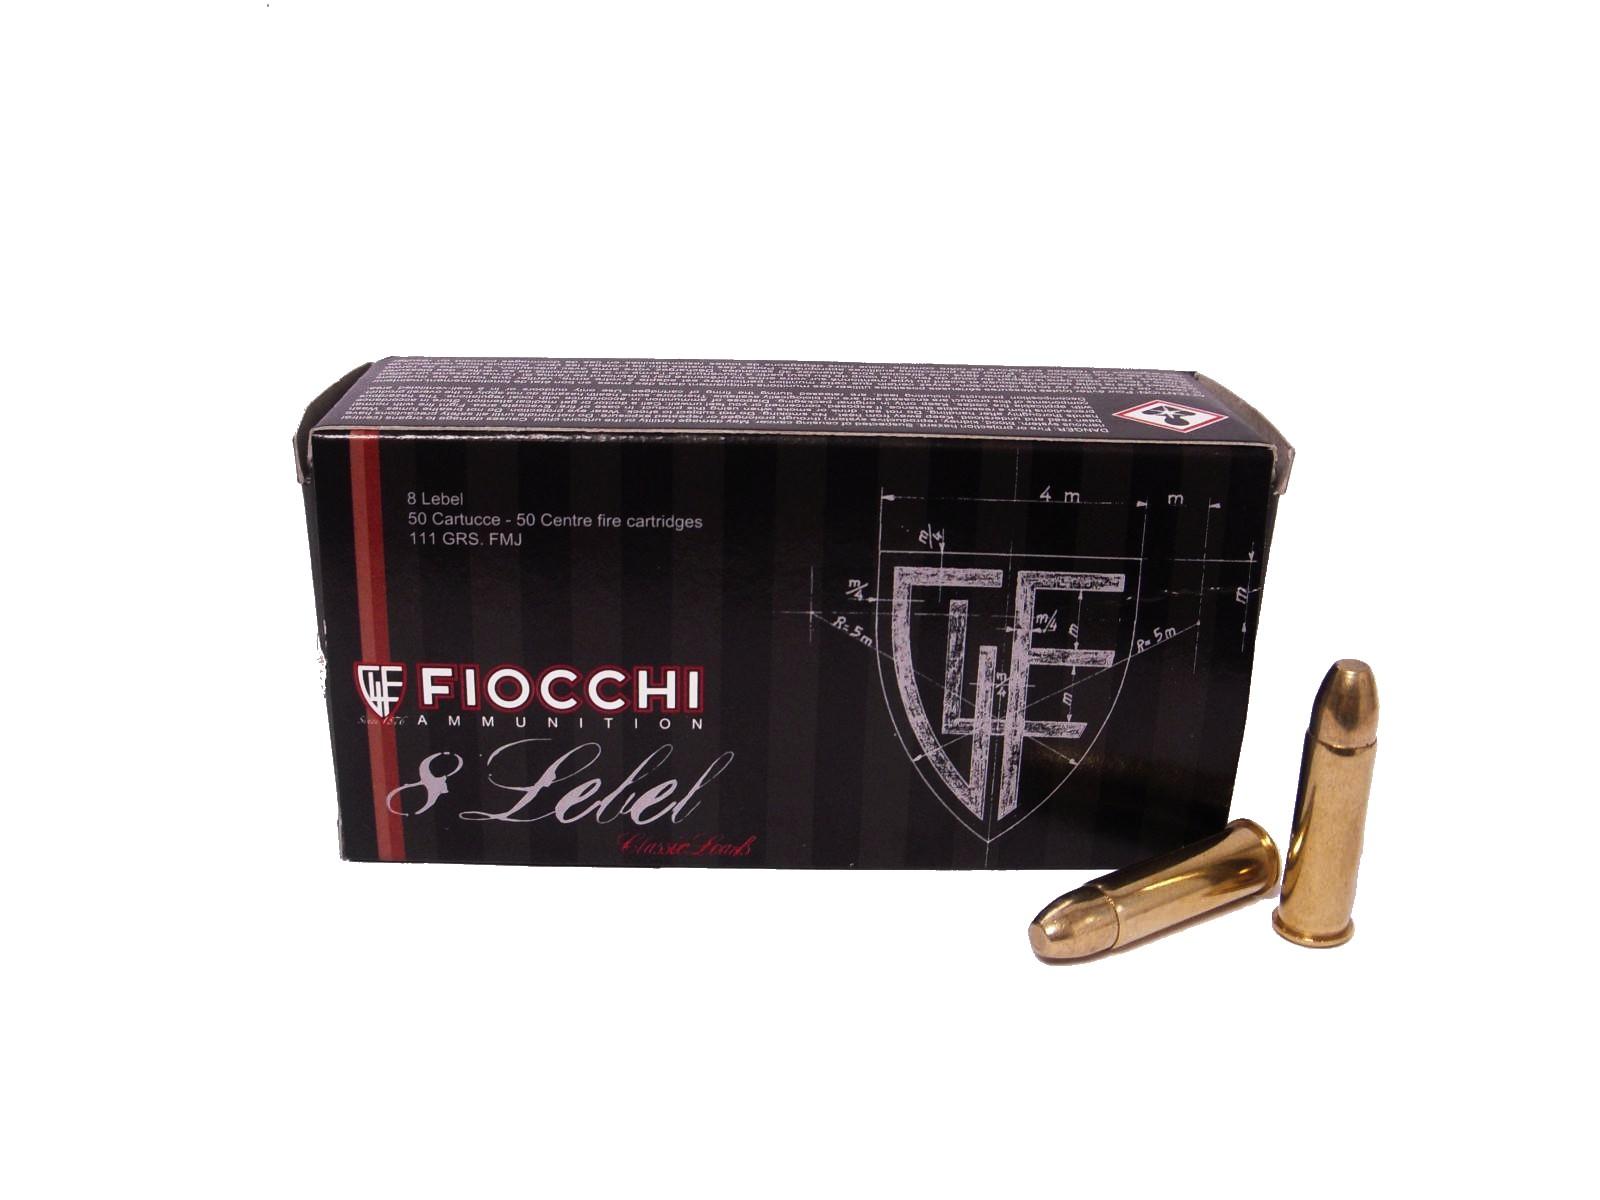 Boite de 50 cartouches 8mm92 FIOCCHI 111 grs FMJ